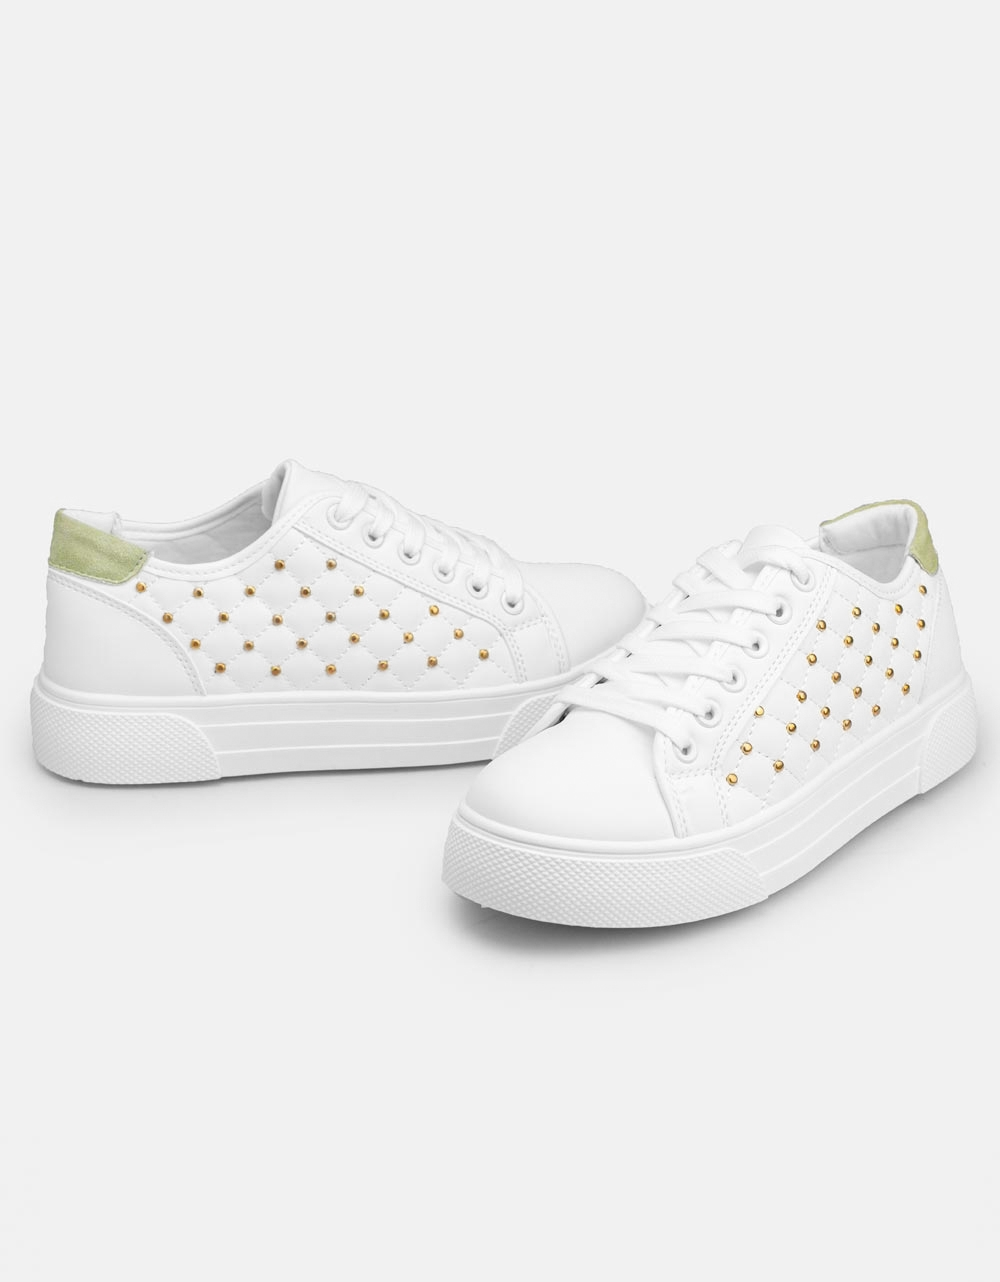 Εικόνα από Γυναικεία sneakers με strass στο πλαινό μέρος Πράσινο